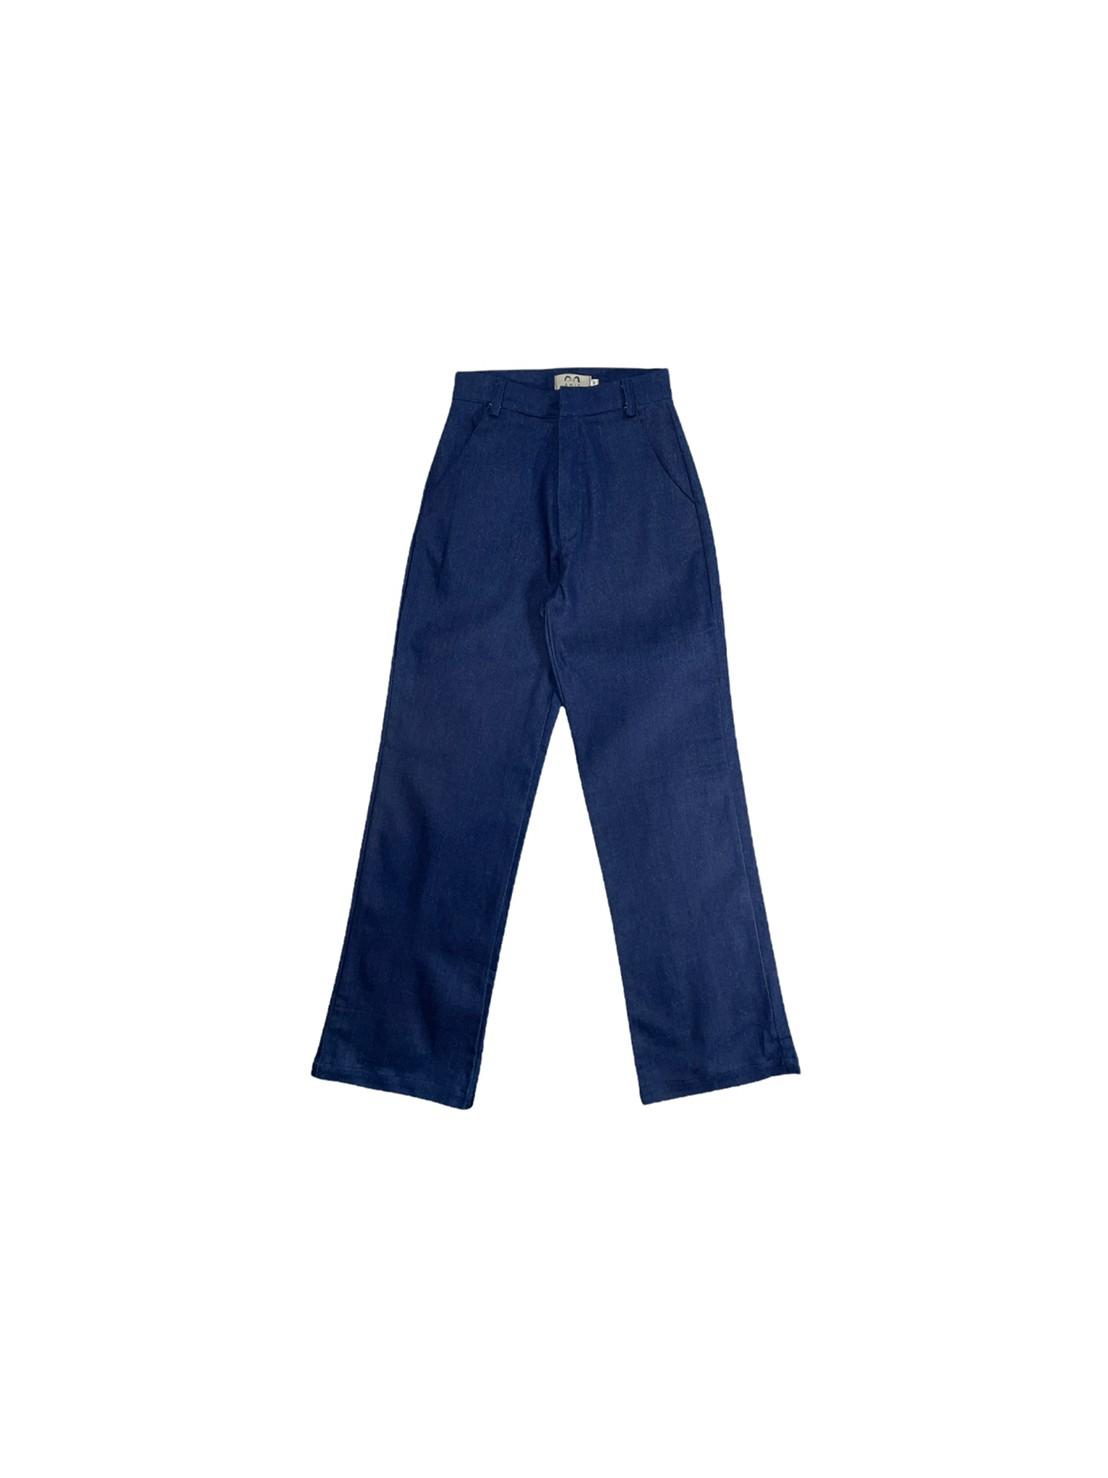 AMIE basic pants (Dark Blue)